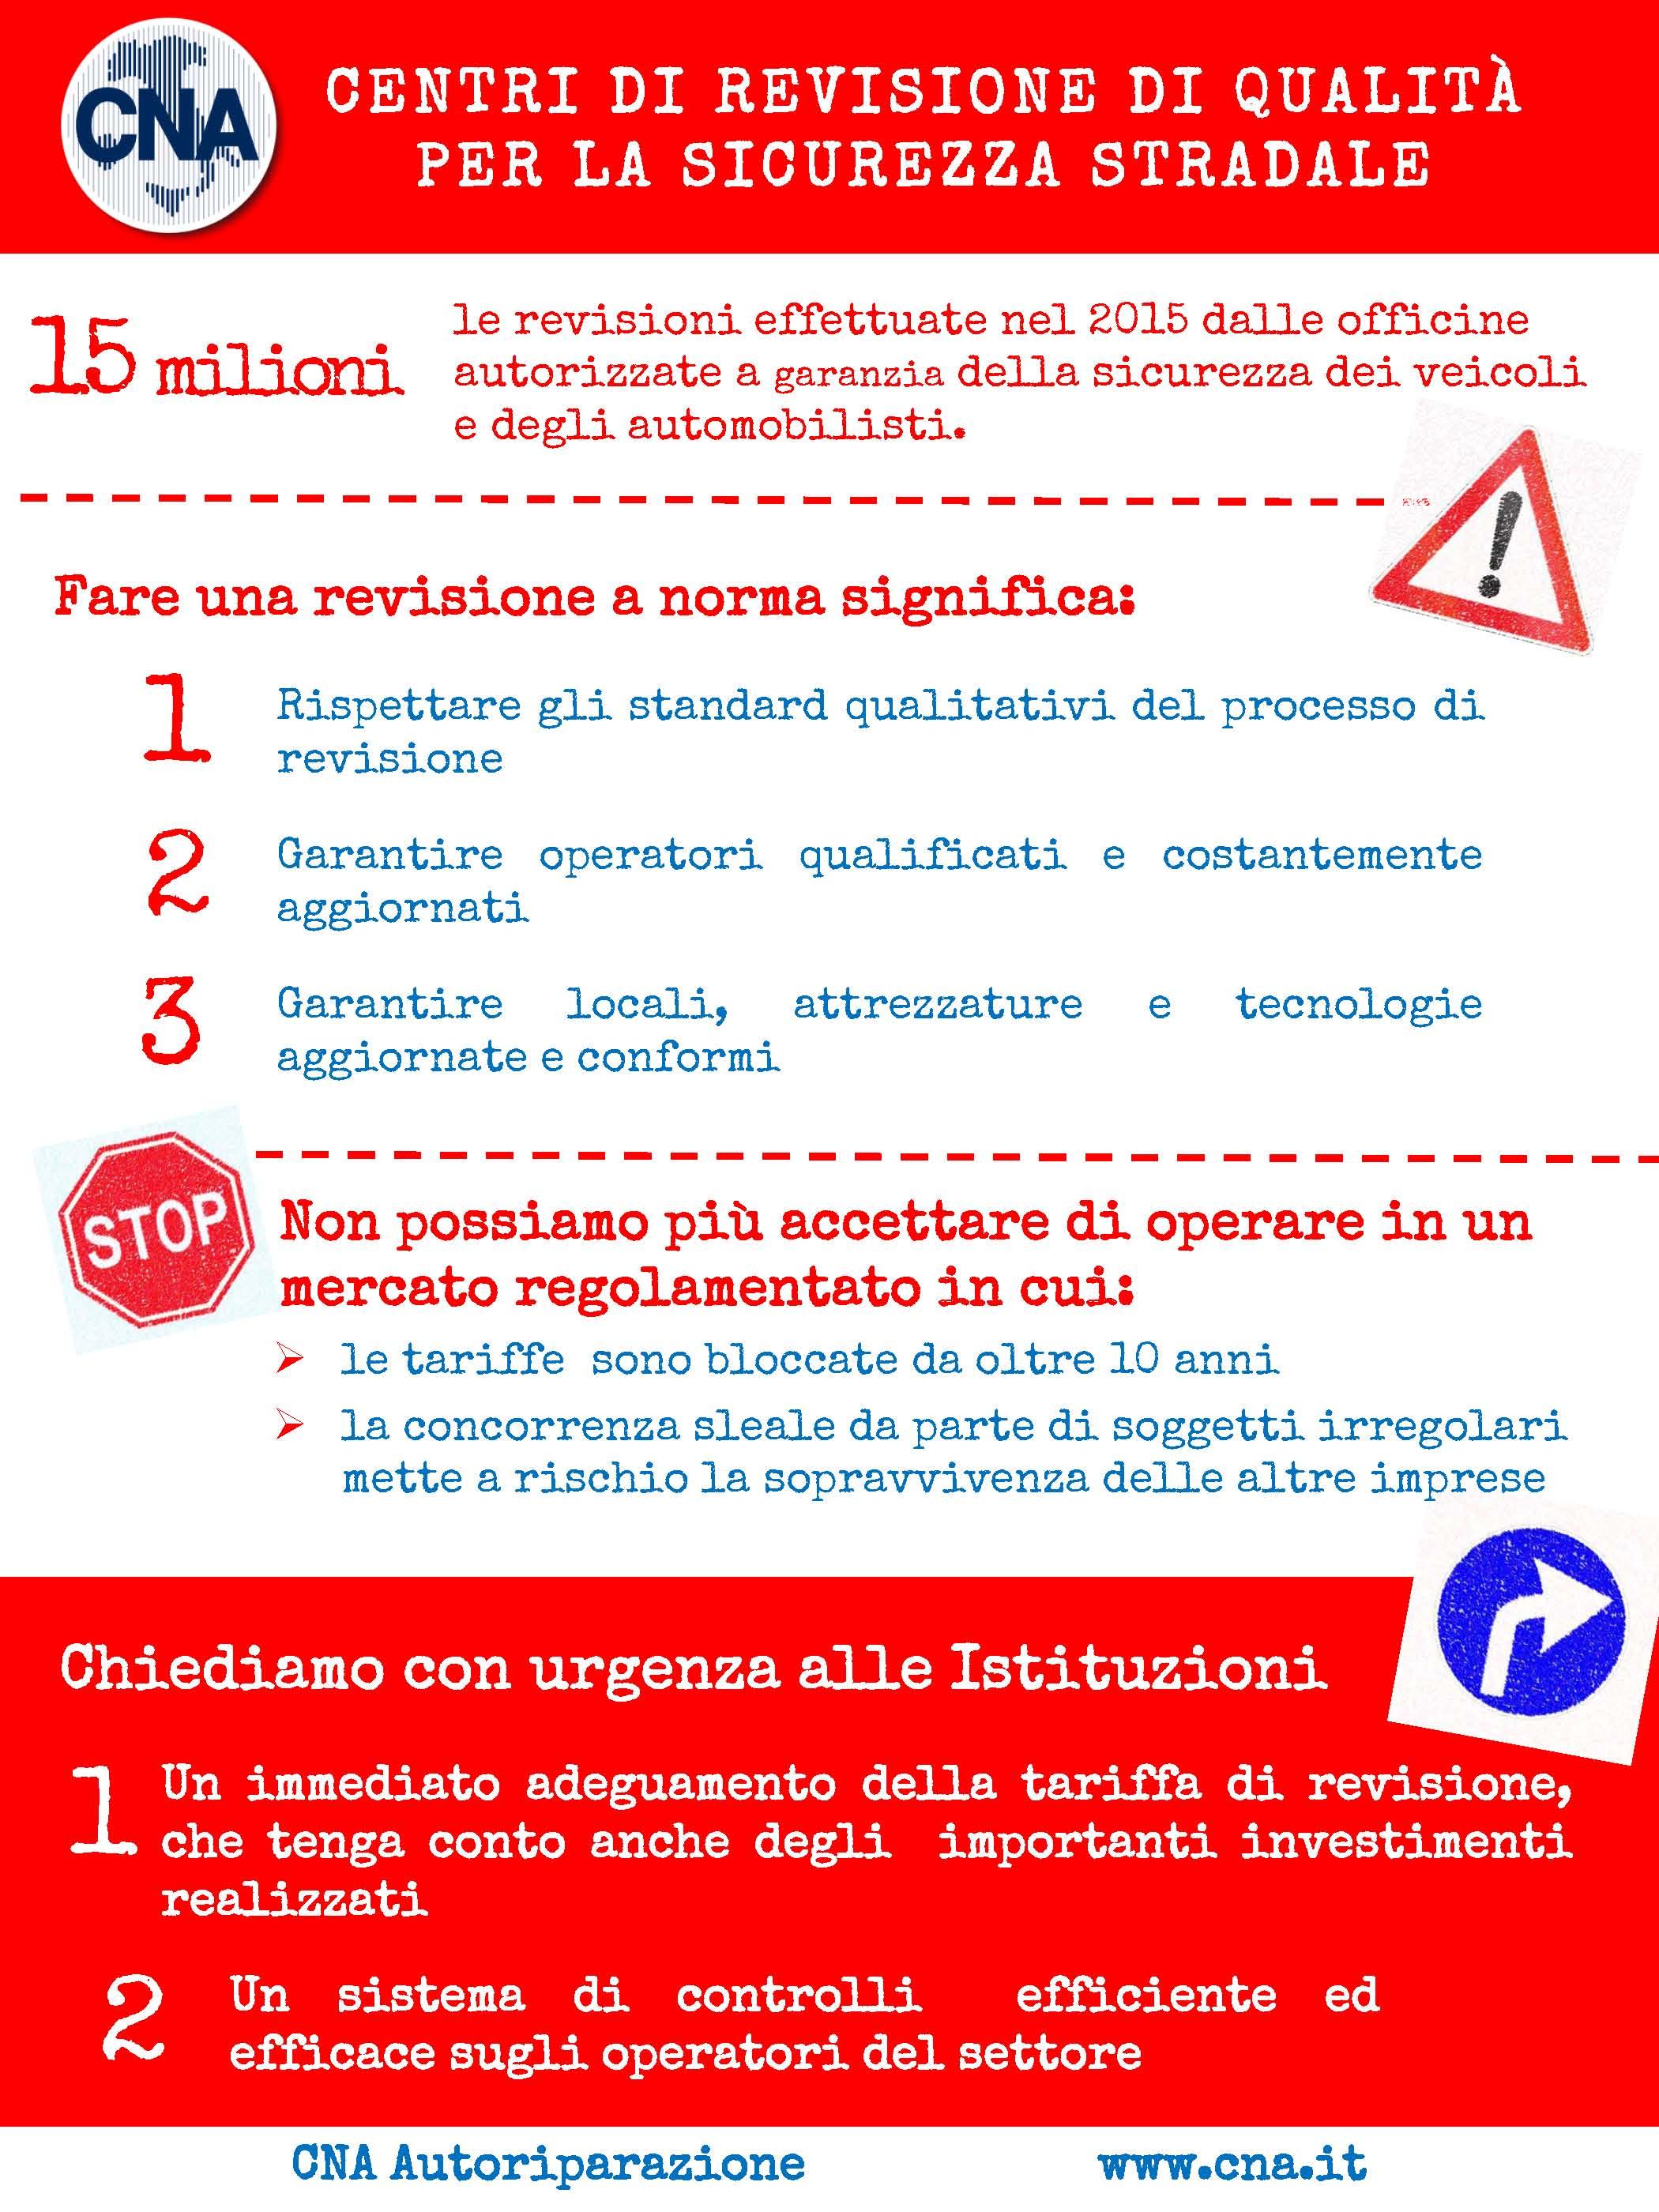 Centri_di_revisione_-_Manifesto